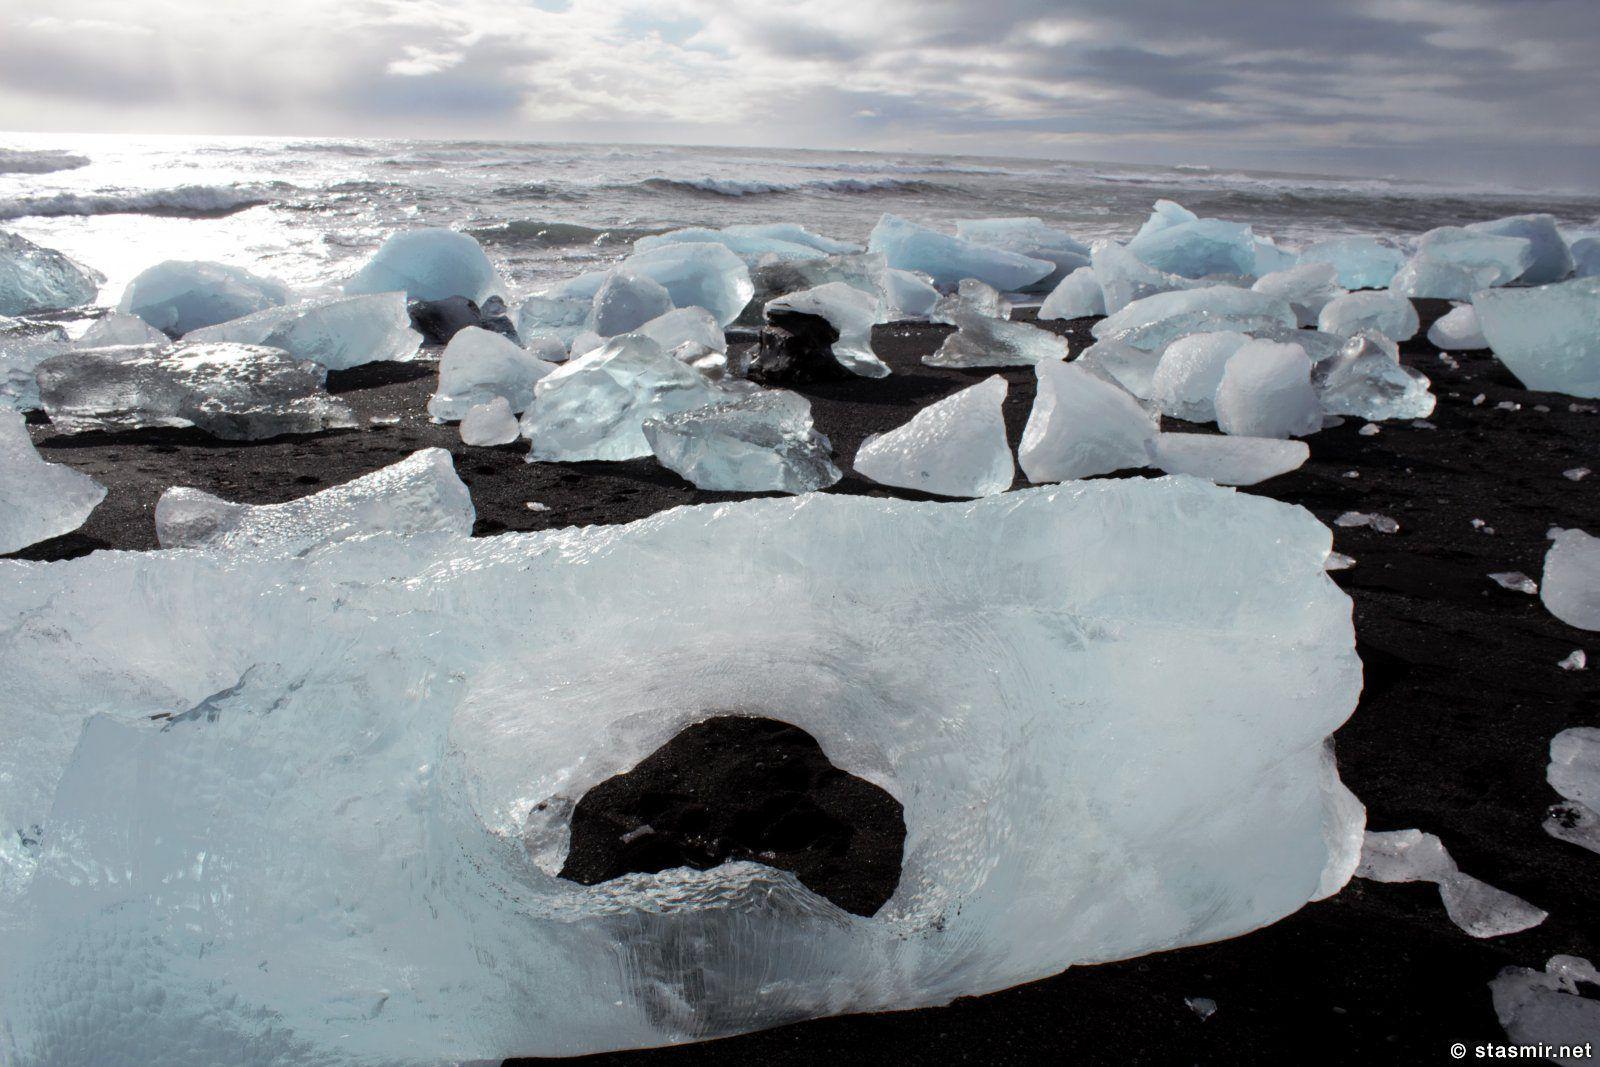 Ледяная лагуна в Исландии весной, фото Стасмир, photo Stasmir